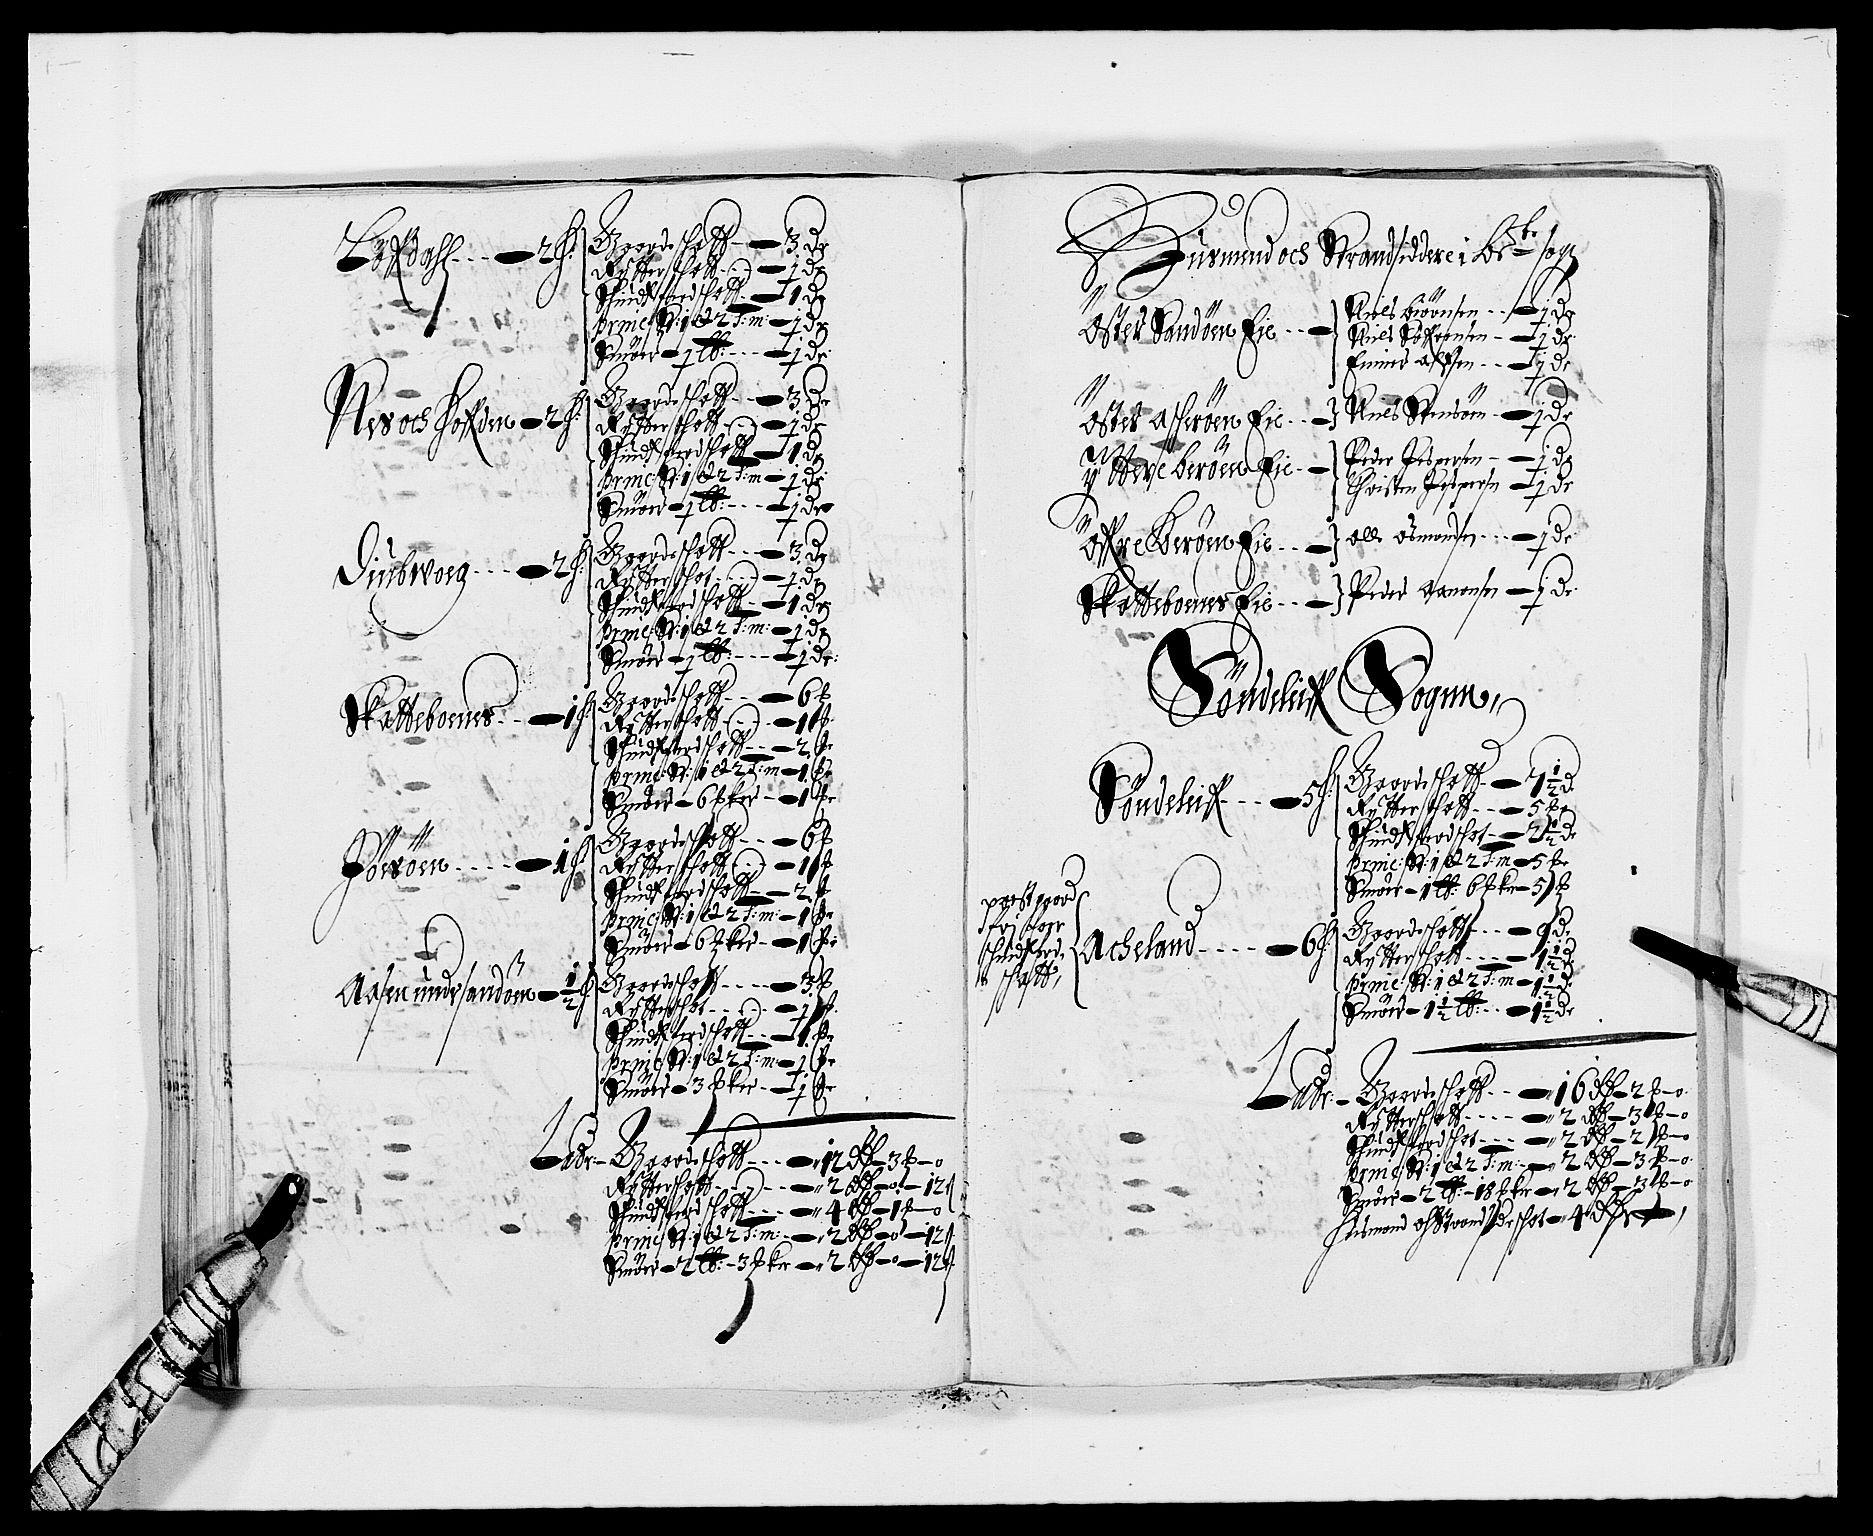 RA, Rentekammeret inntil 1814, Reviderte regnskaper, Fogderegnskap, R39/L2297: Fogderegnskap Nedenes, 1667-1669, s. 259